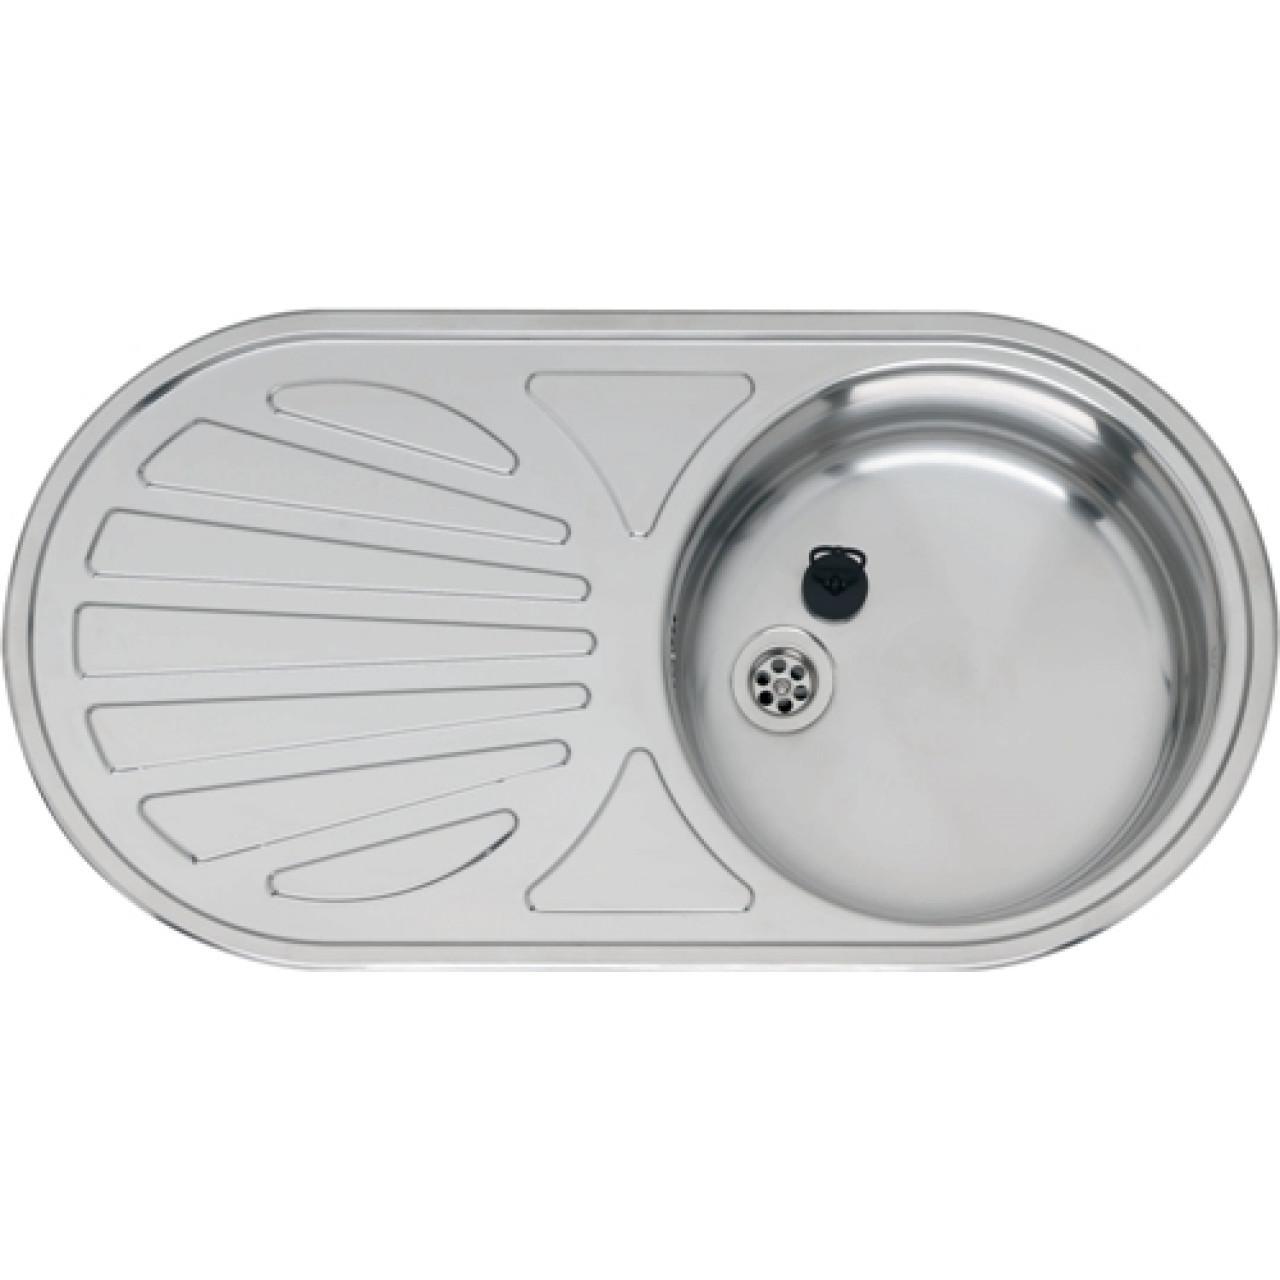 Кухонная мойка Reginox Galicia LUX 852x442 OSP купить в Москве по цене от 7210р. в интернет-магазине mebel-v-vannu.ru